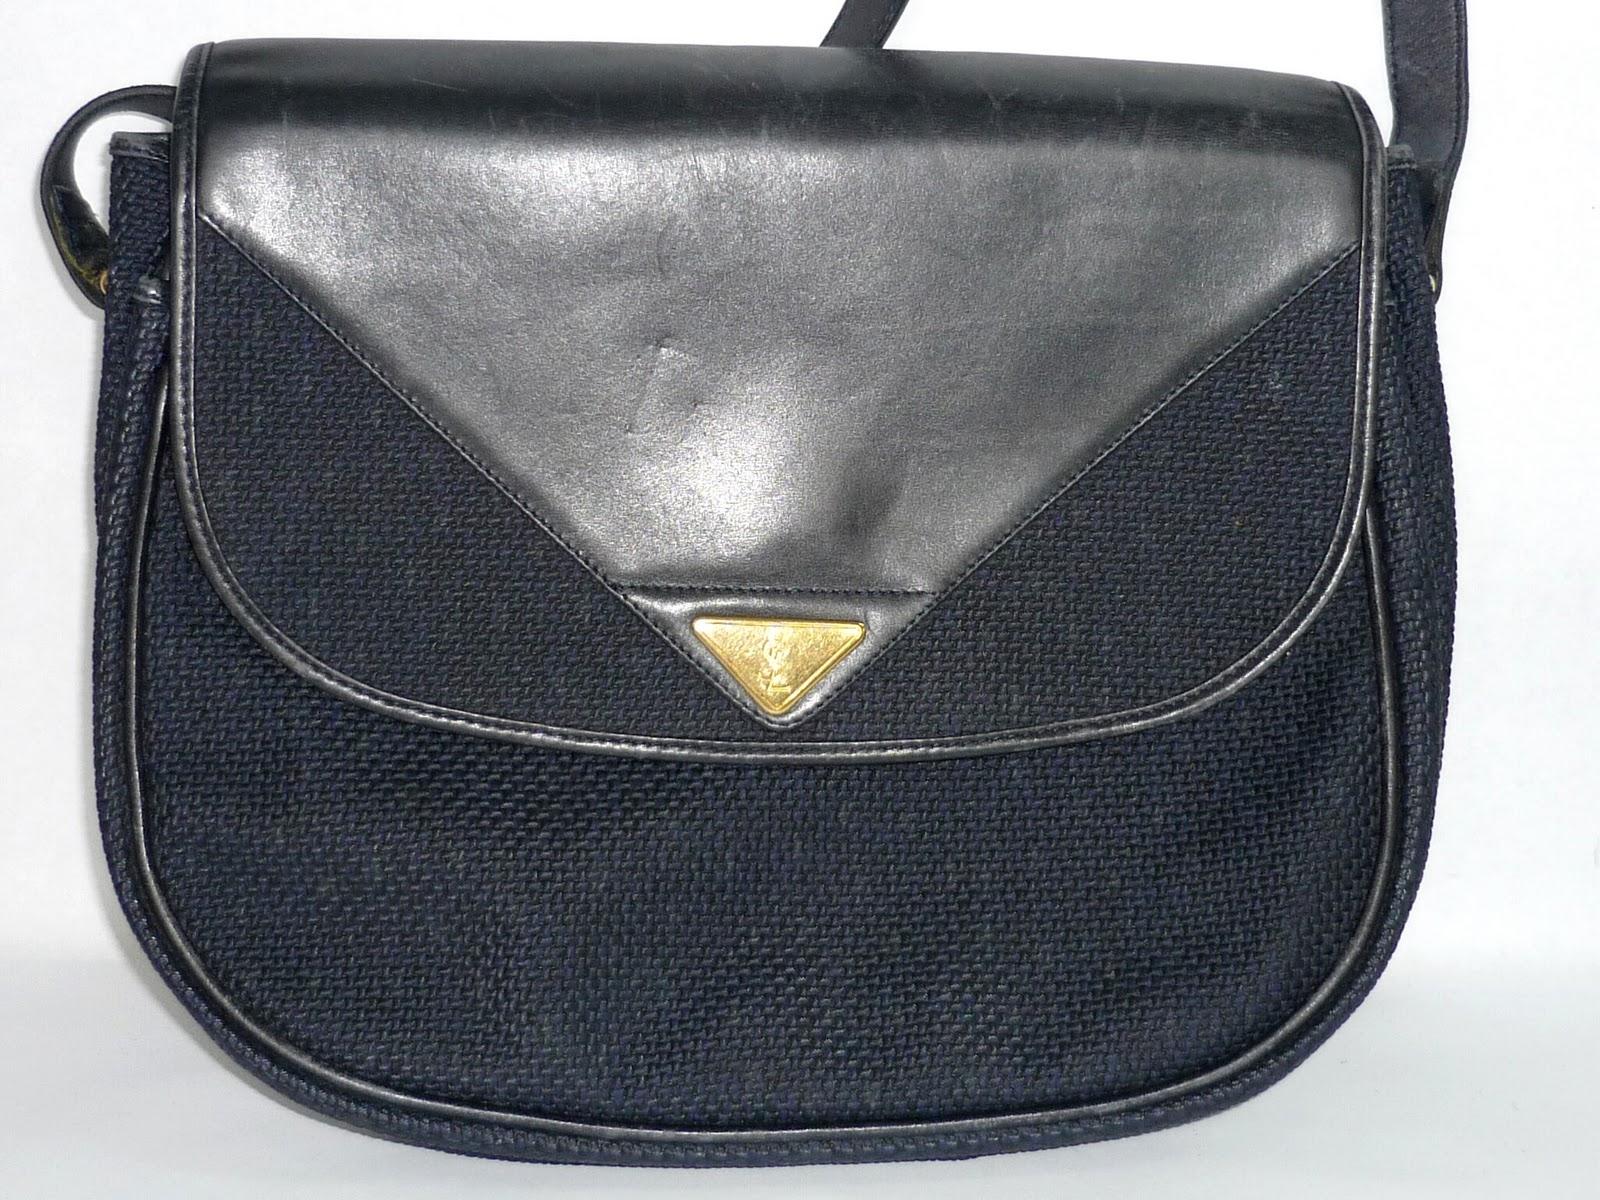 Rchybundle Vintage Ysl Massenger Sling Leather Bag